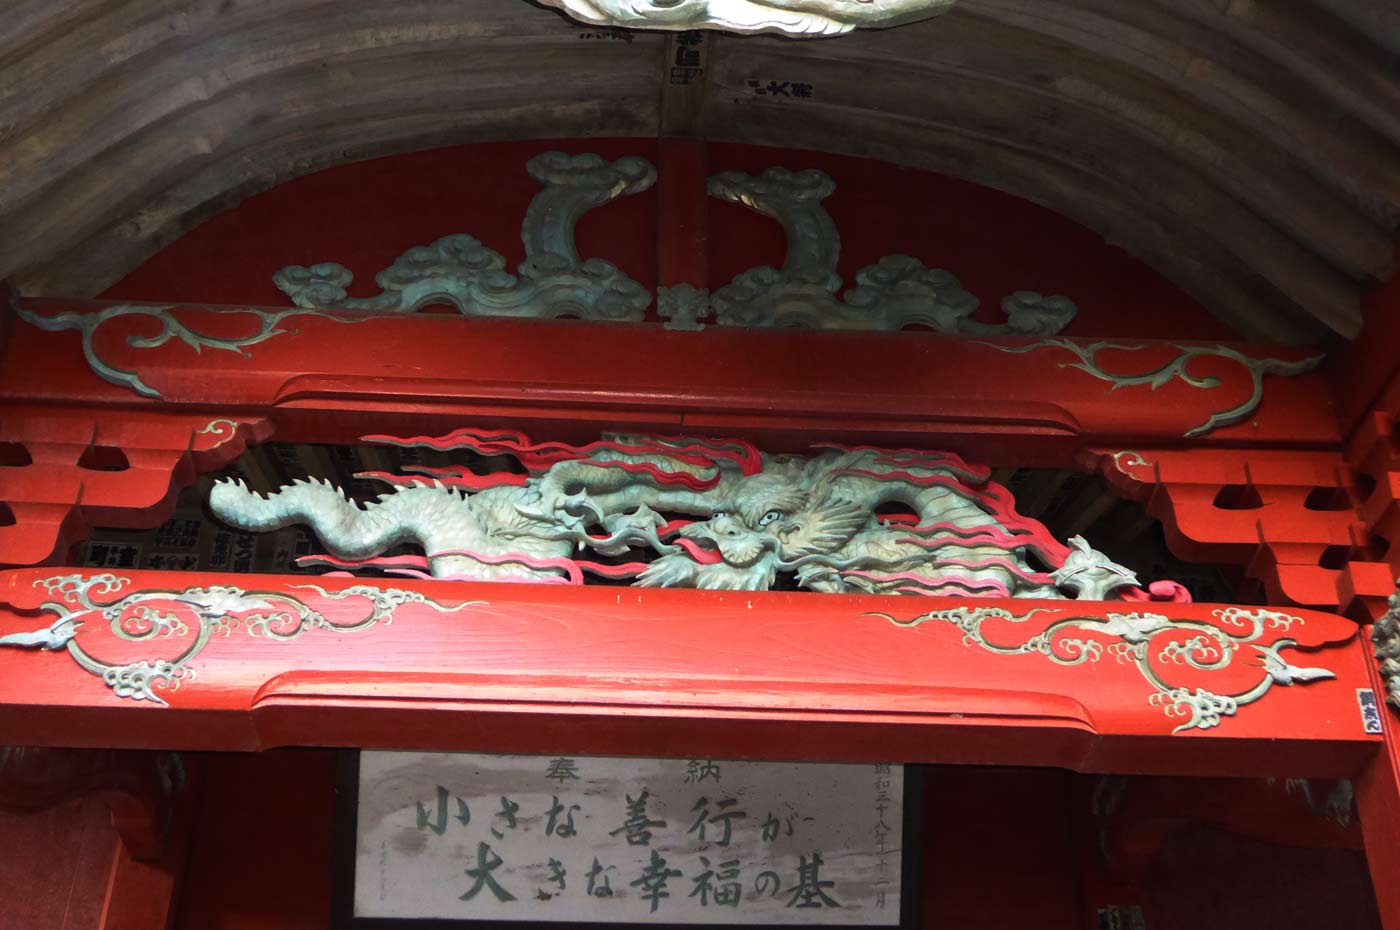 高塚不動堂の彫刻